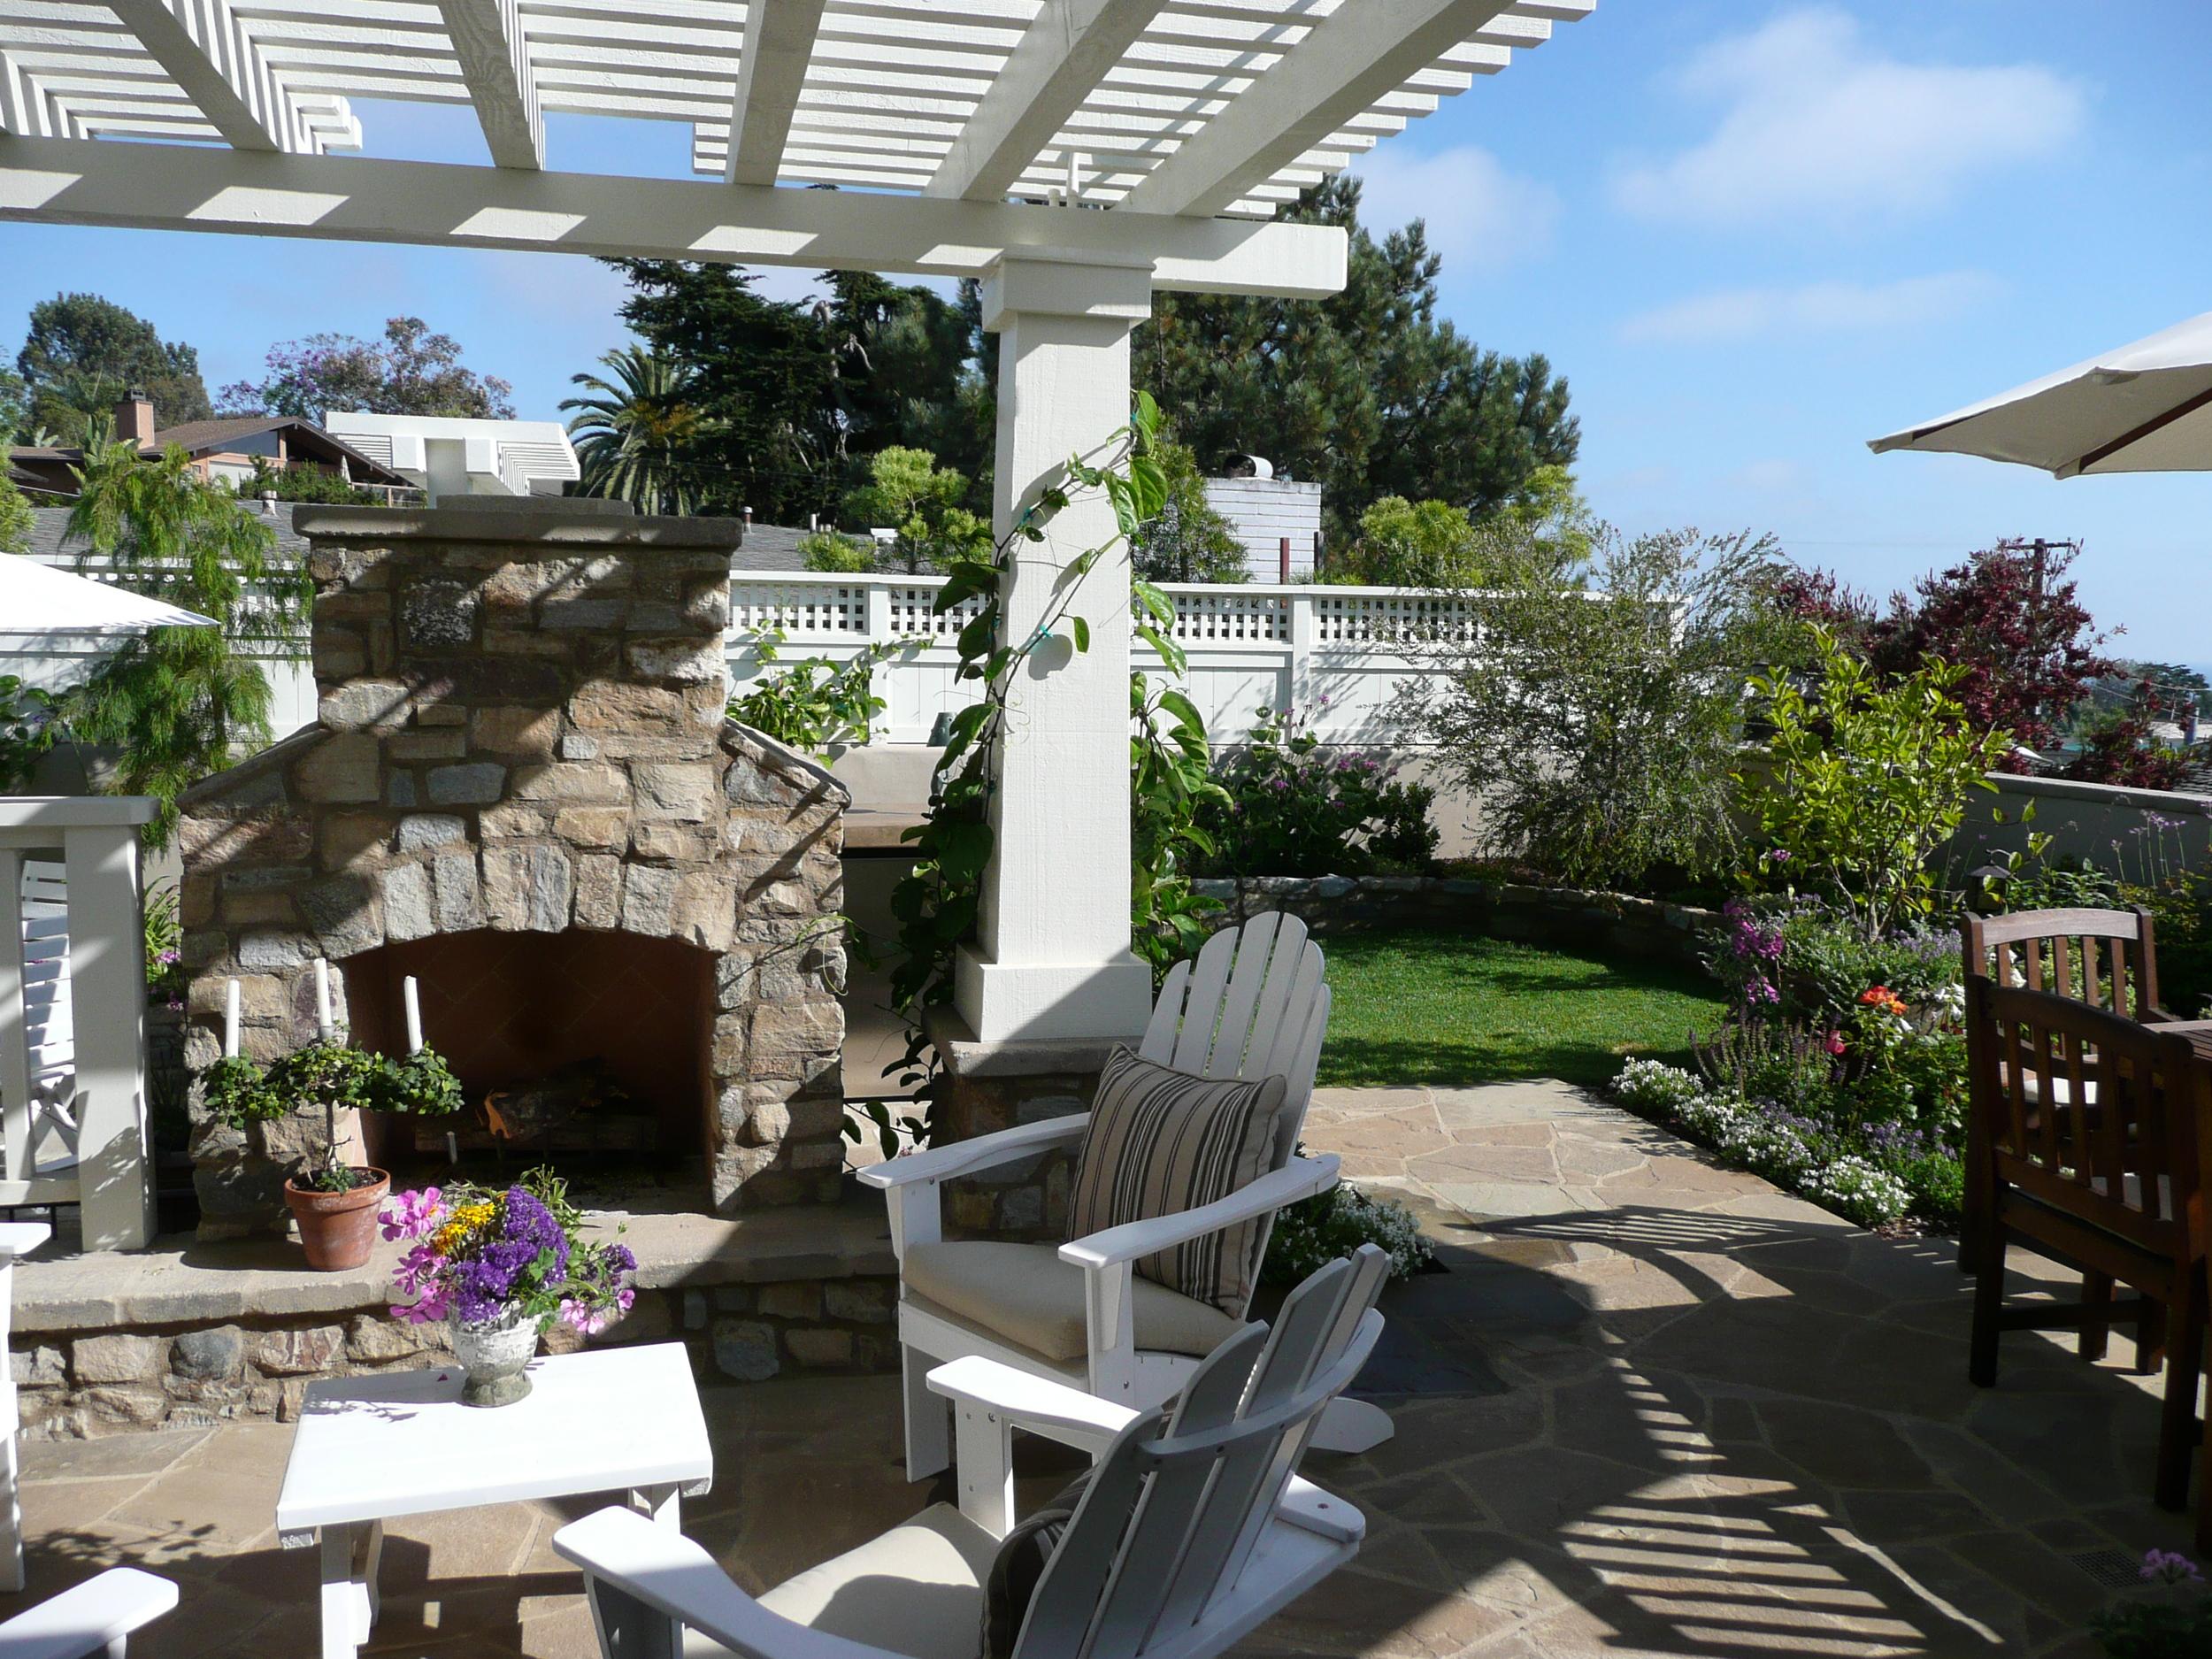 5-351 Backyard Fireplace.JPG